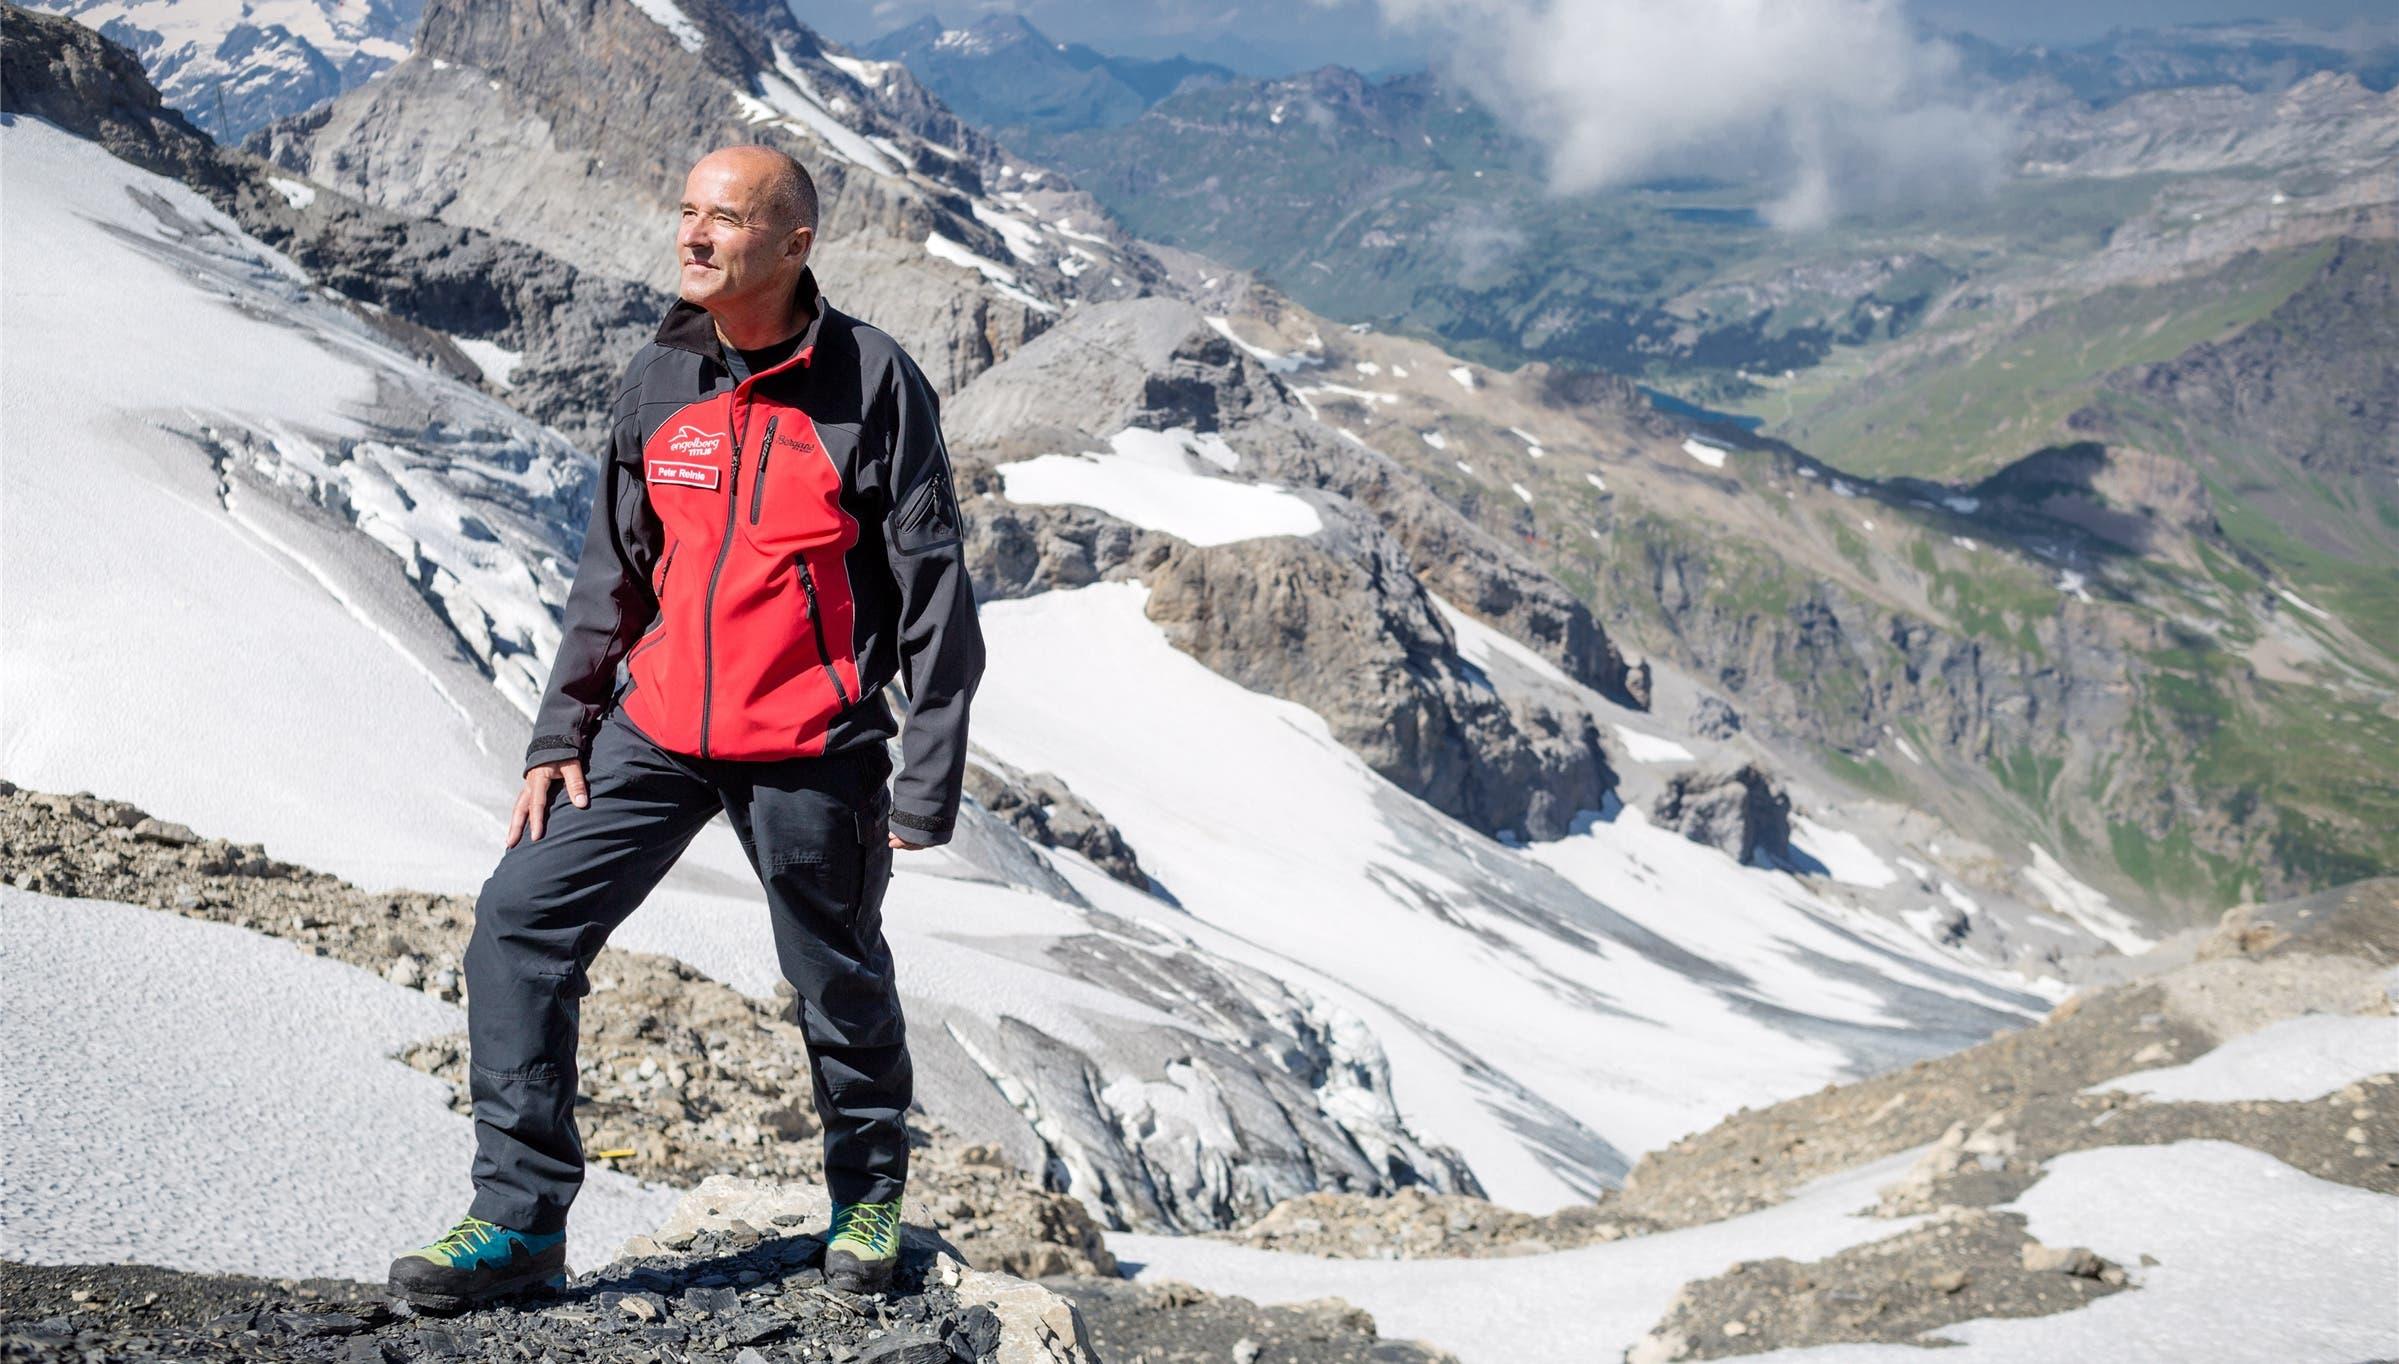 Vize-Chef Peter Reinle vor dem Steingletscher, der bereits apere Stellen aufweist.